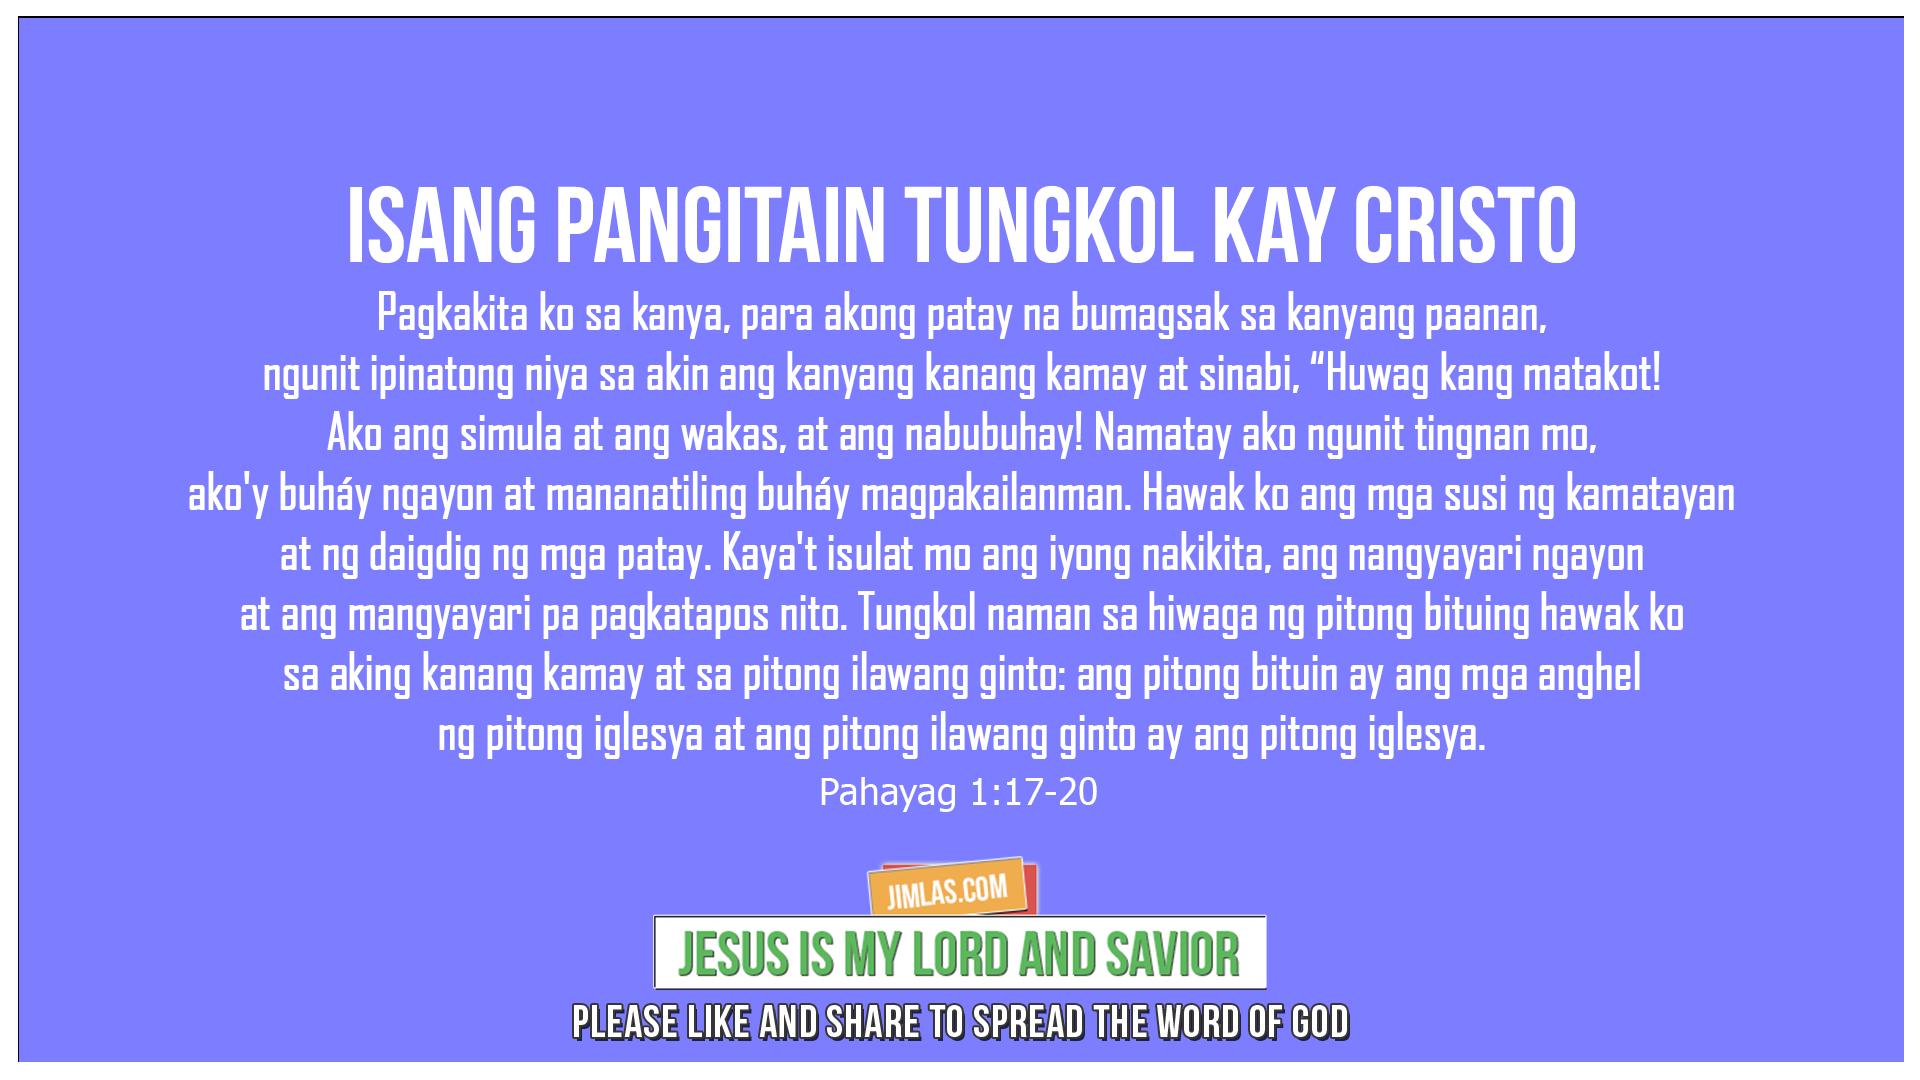 Pahayag 1:17-20, Pahayag 1:17-20